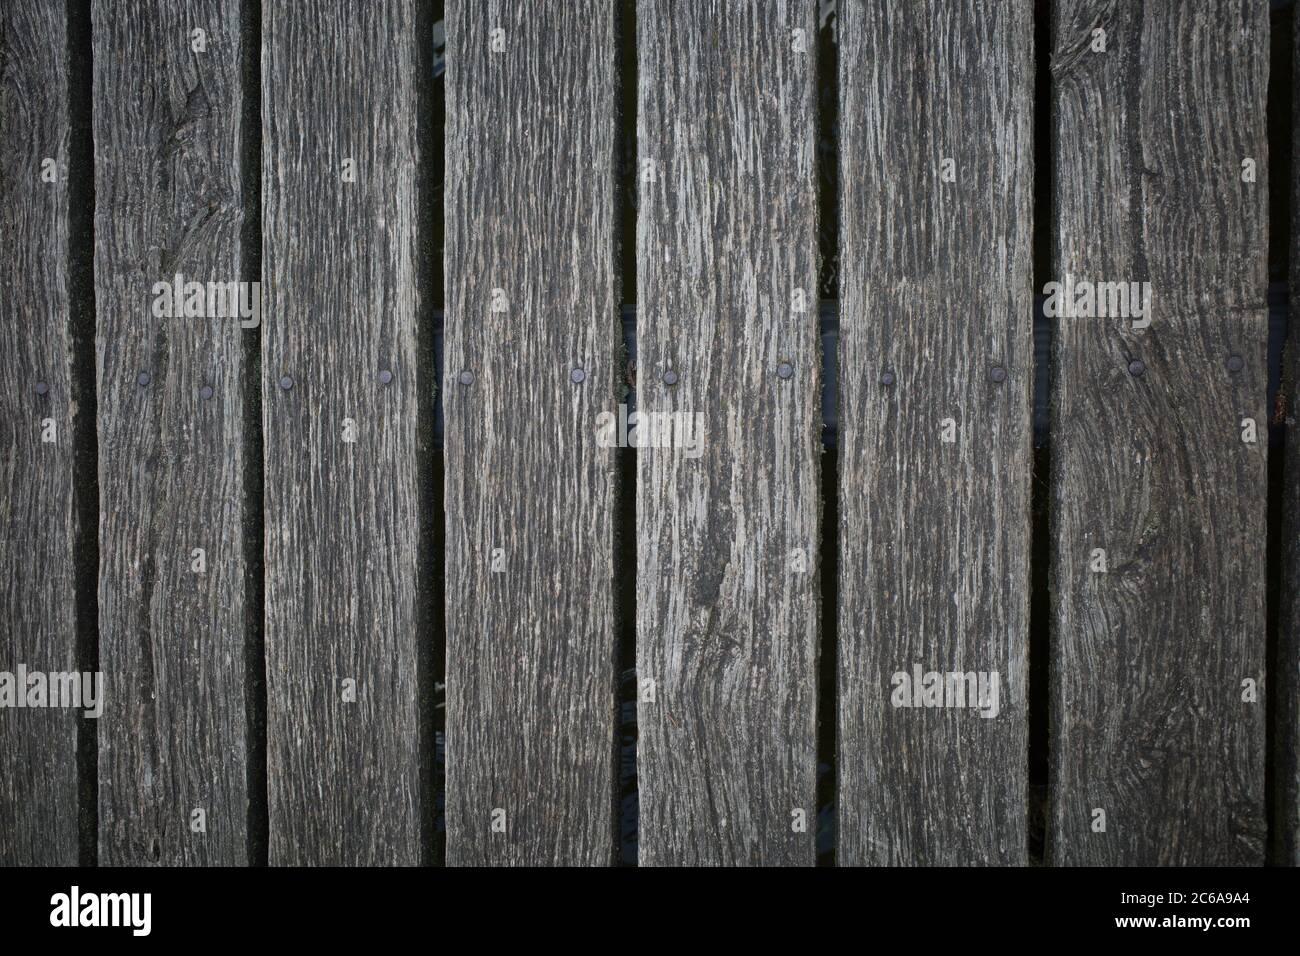 Le Tavole Di Una Barra Di Legno Formano Un Disegno Omogeneo Foto Stock Alamy